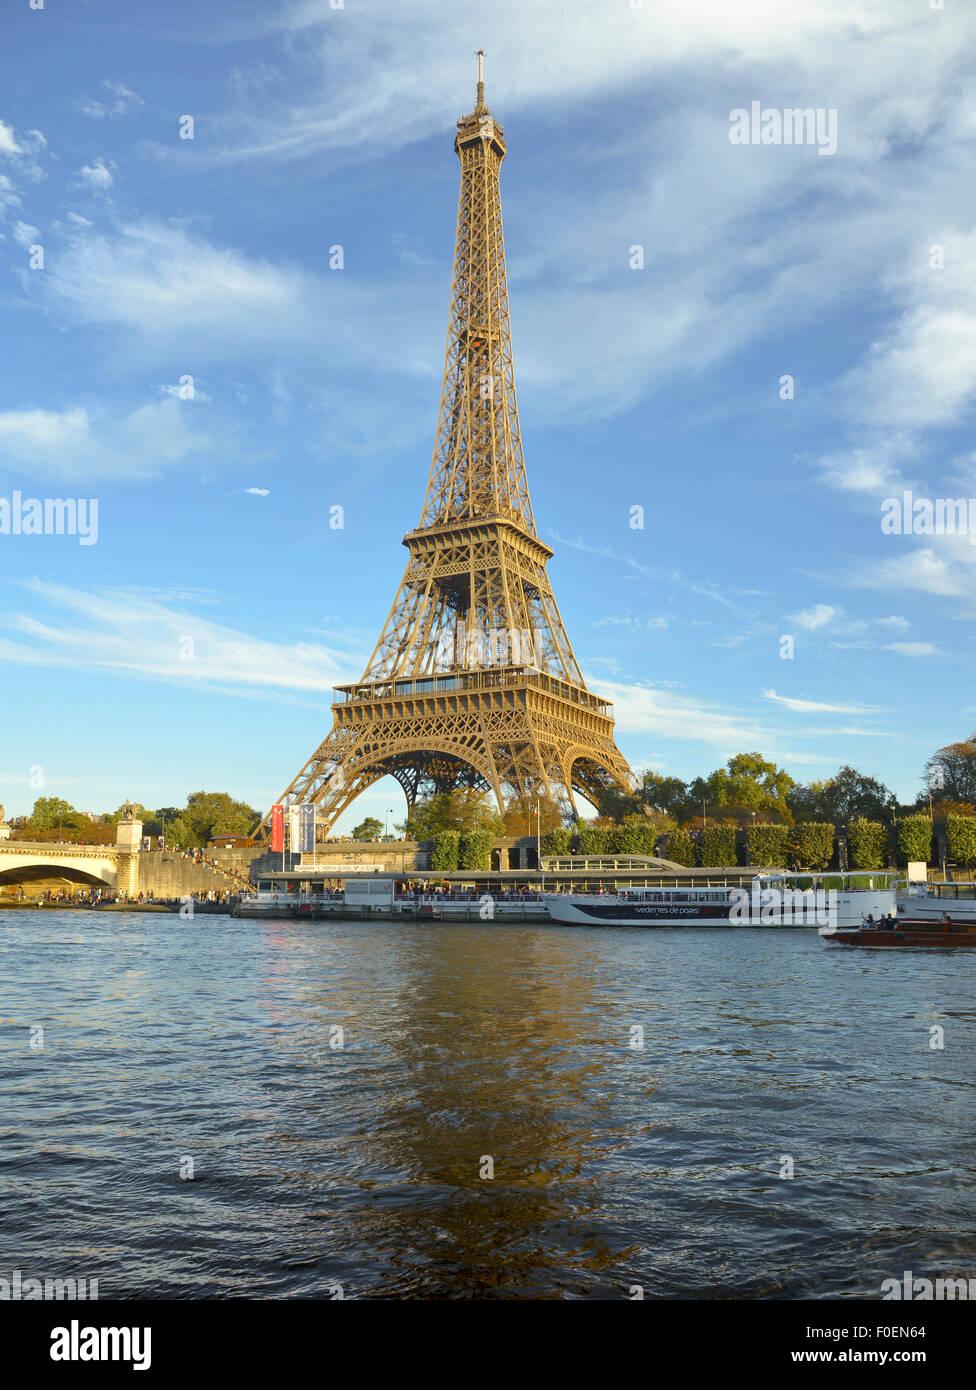 Eiffel Tower with river Seine, Paris, Île-de-France, France - Stock Image